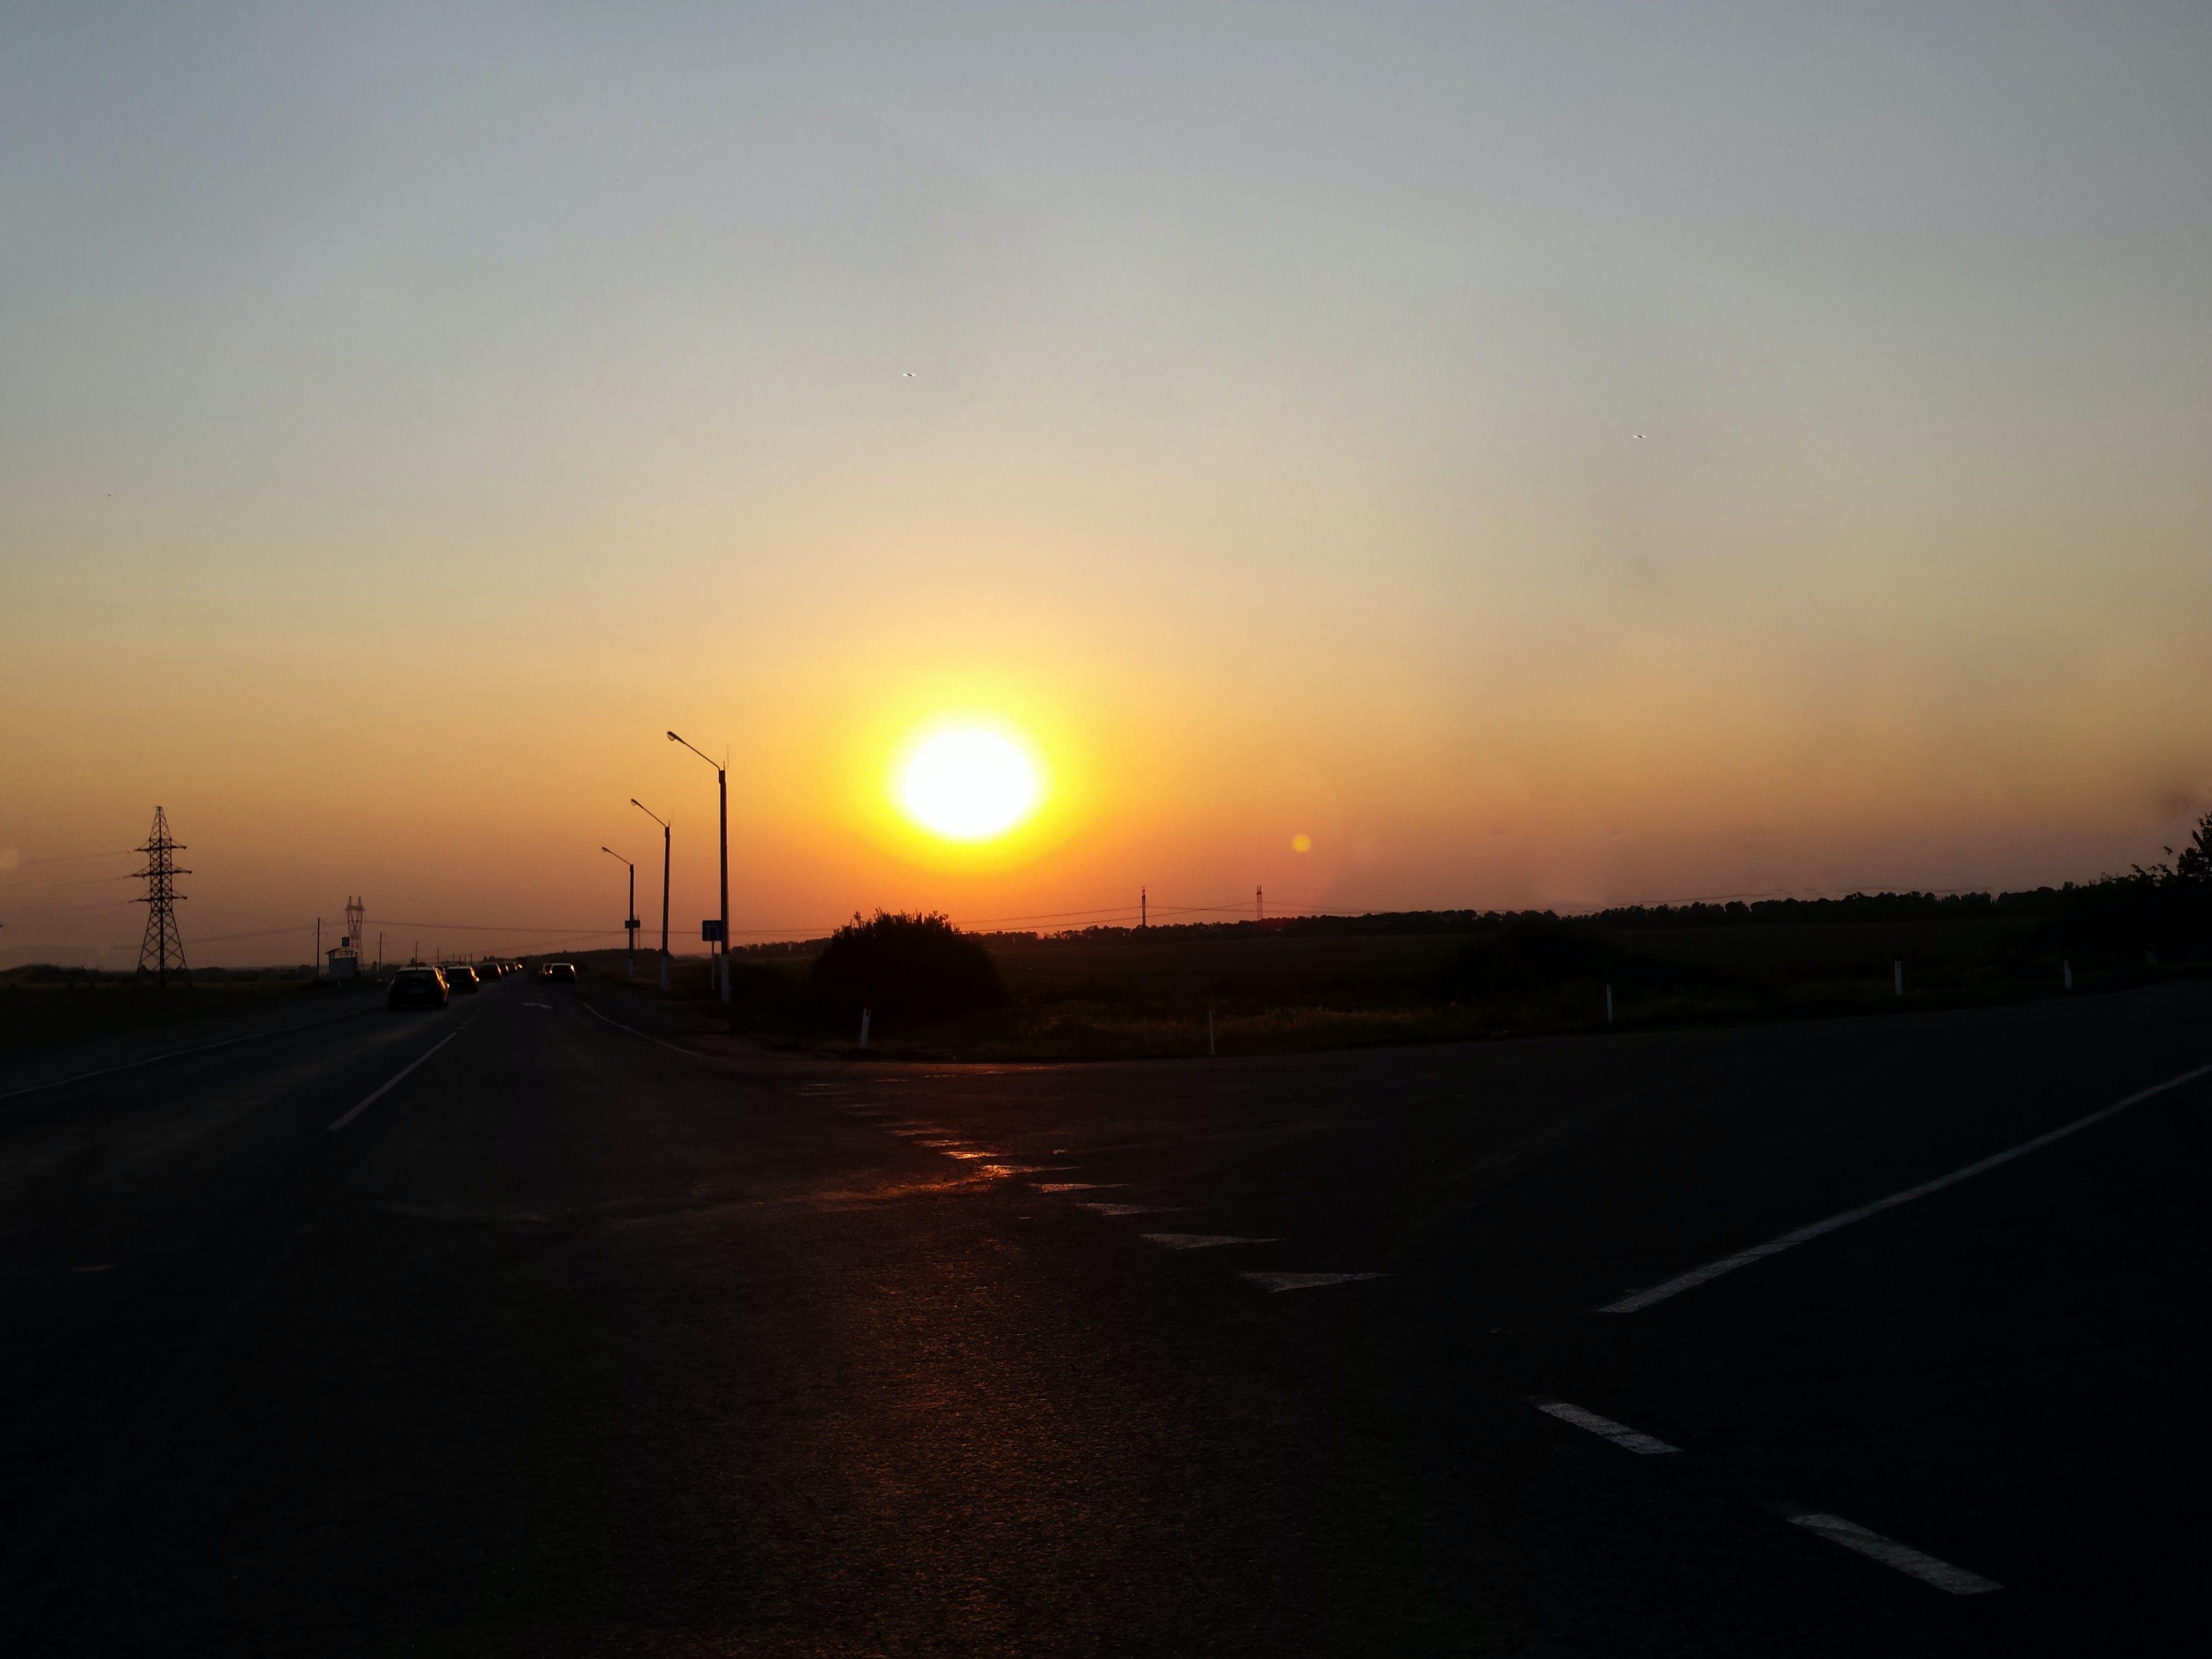 Δωρεάν στοκ φωτογραφιών με αυτοκίνητα, διαδρομή, δρόμος, δύση του ηλίου